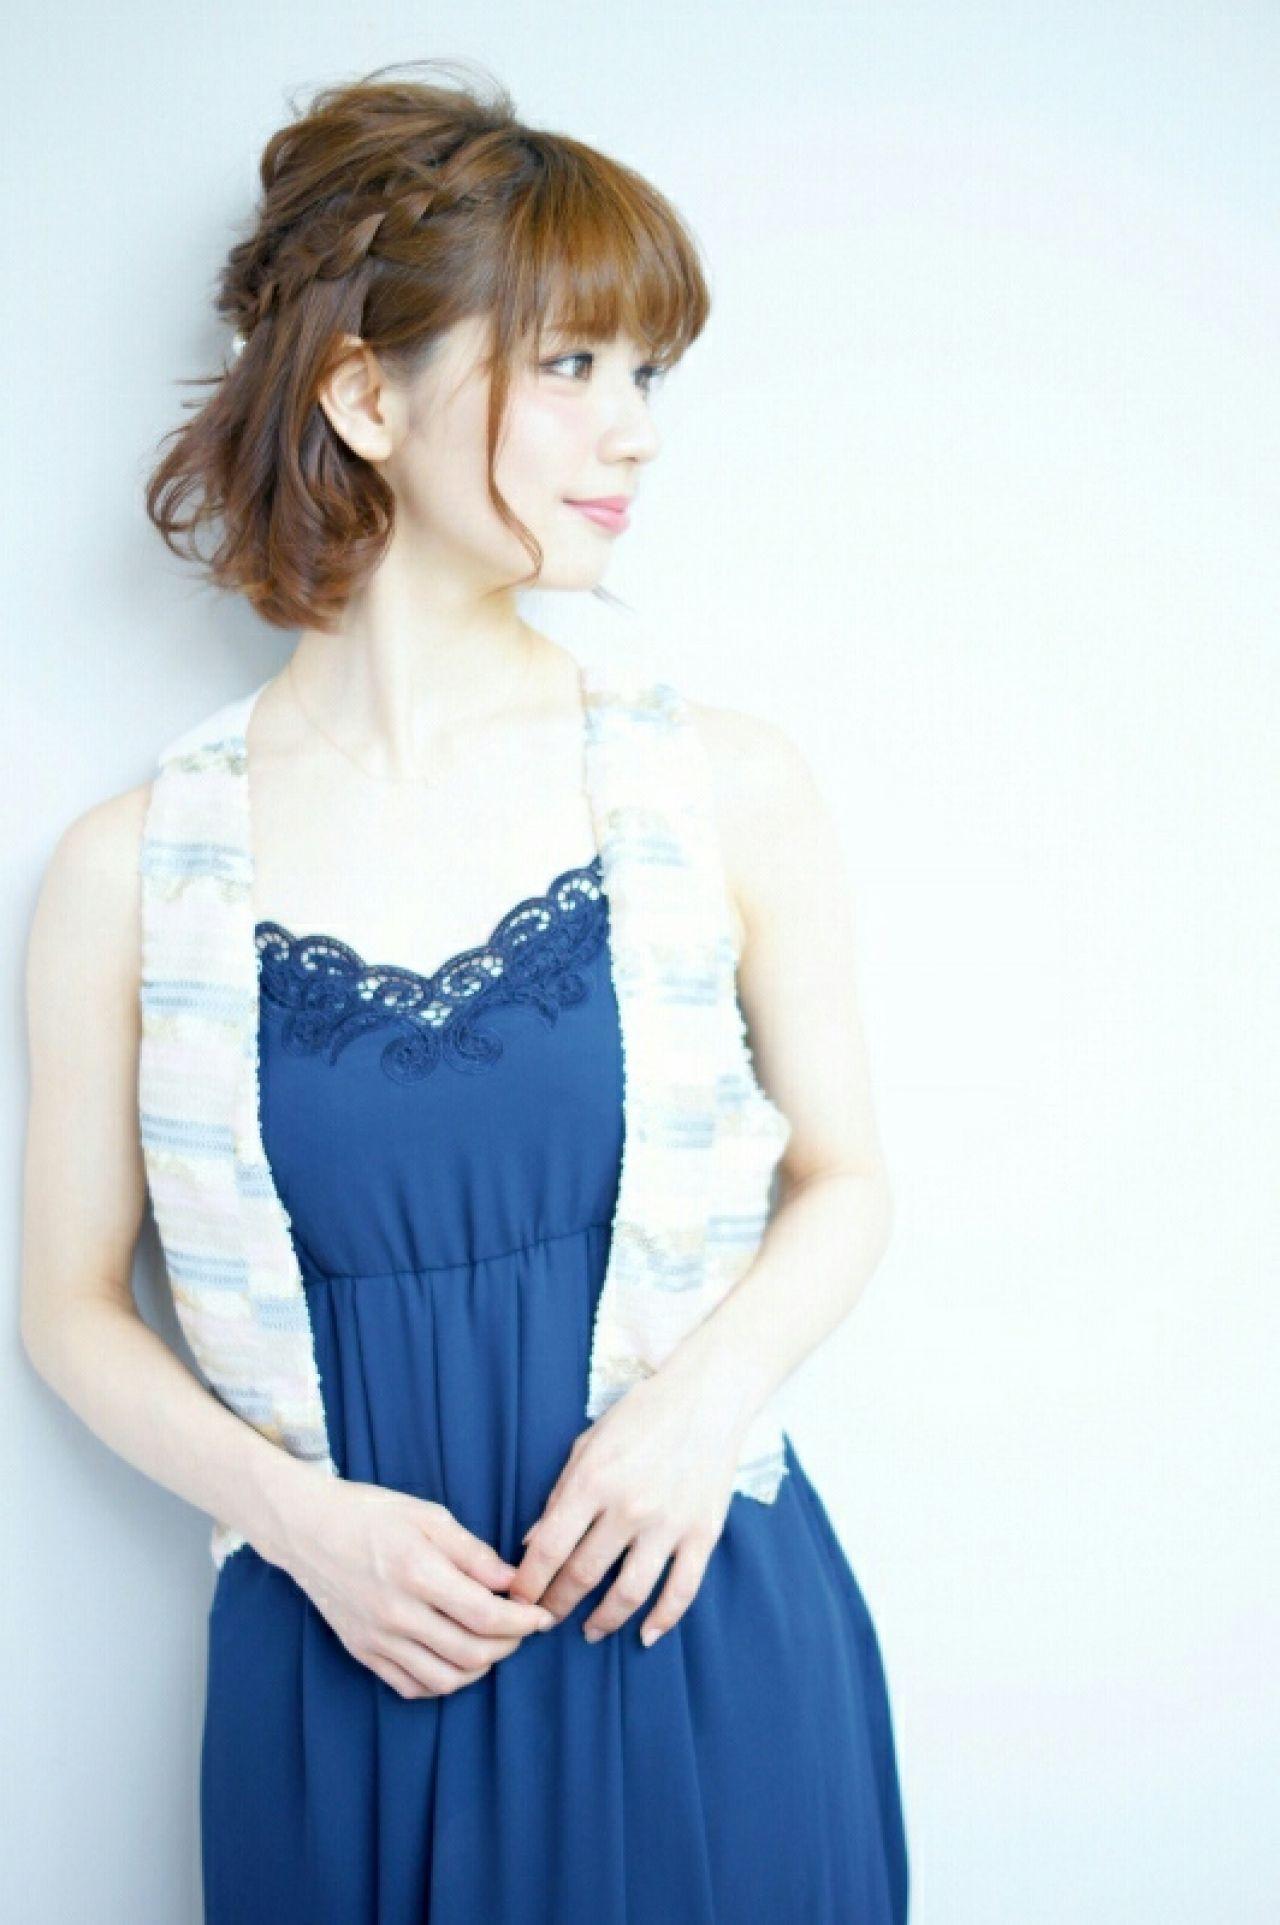 【結婚式】ボブヘアさんの華やか結婚式ヘアスタイル特集♡ Ciel Hairdesign 代表 今田 亮